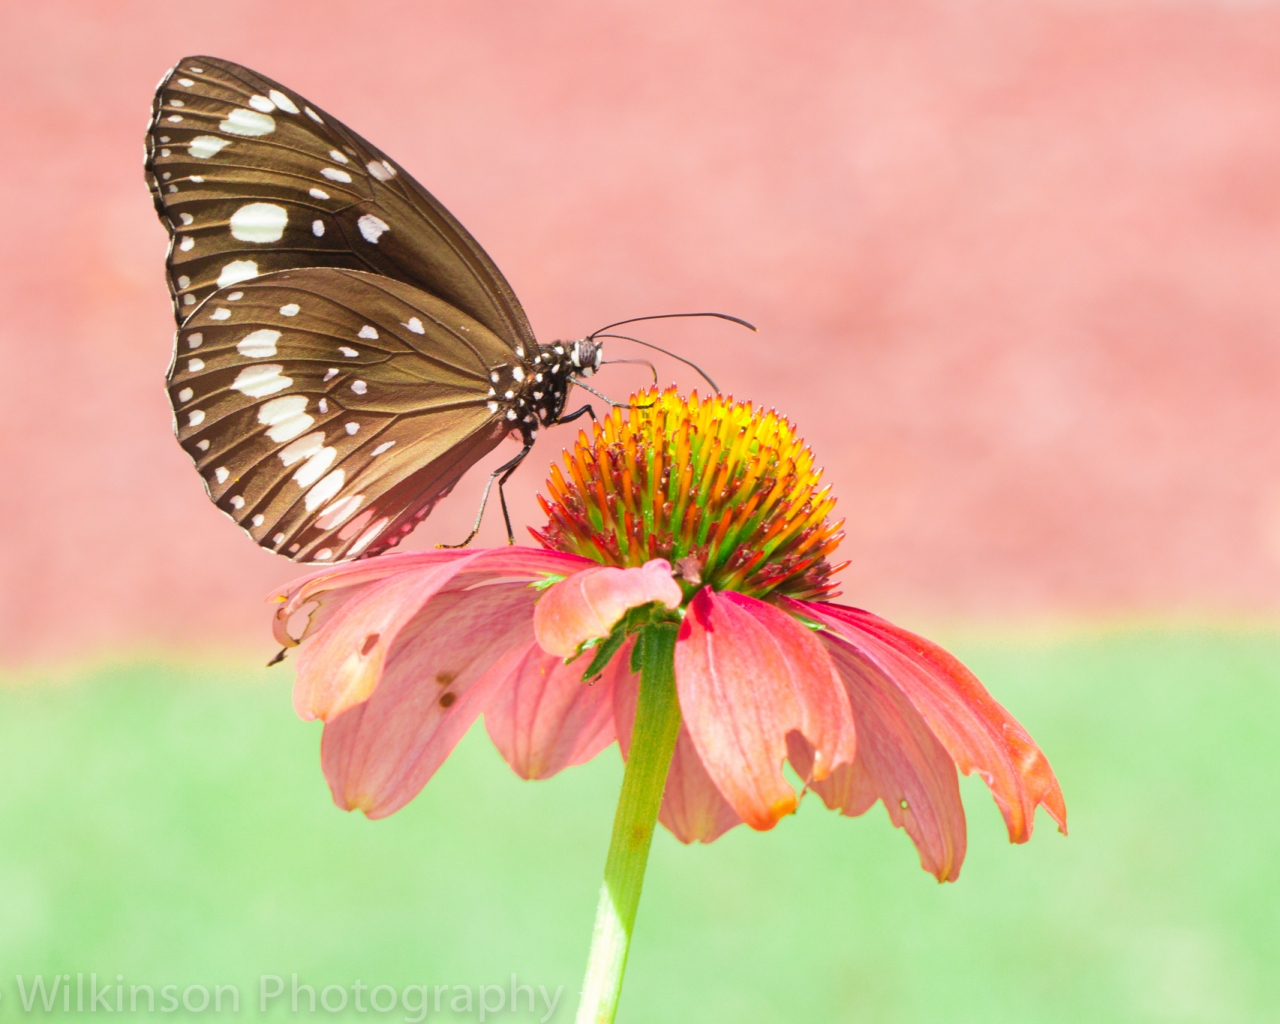 Mariposa en una flor rosada - 1280x1024